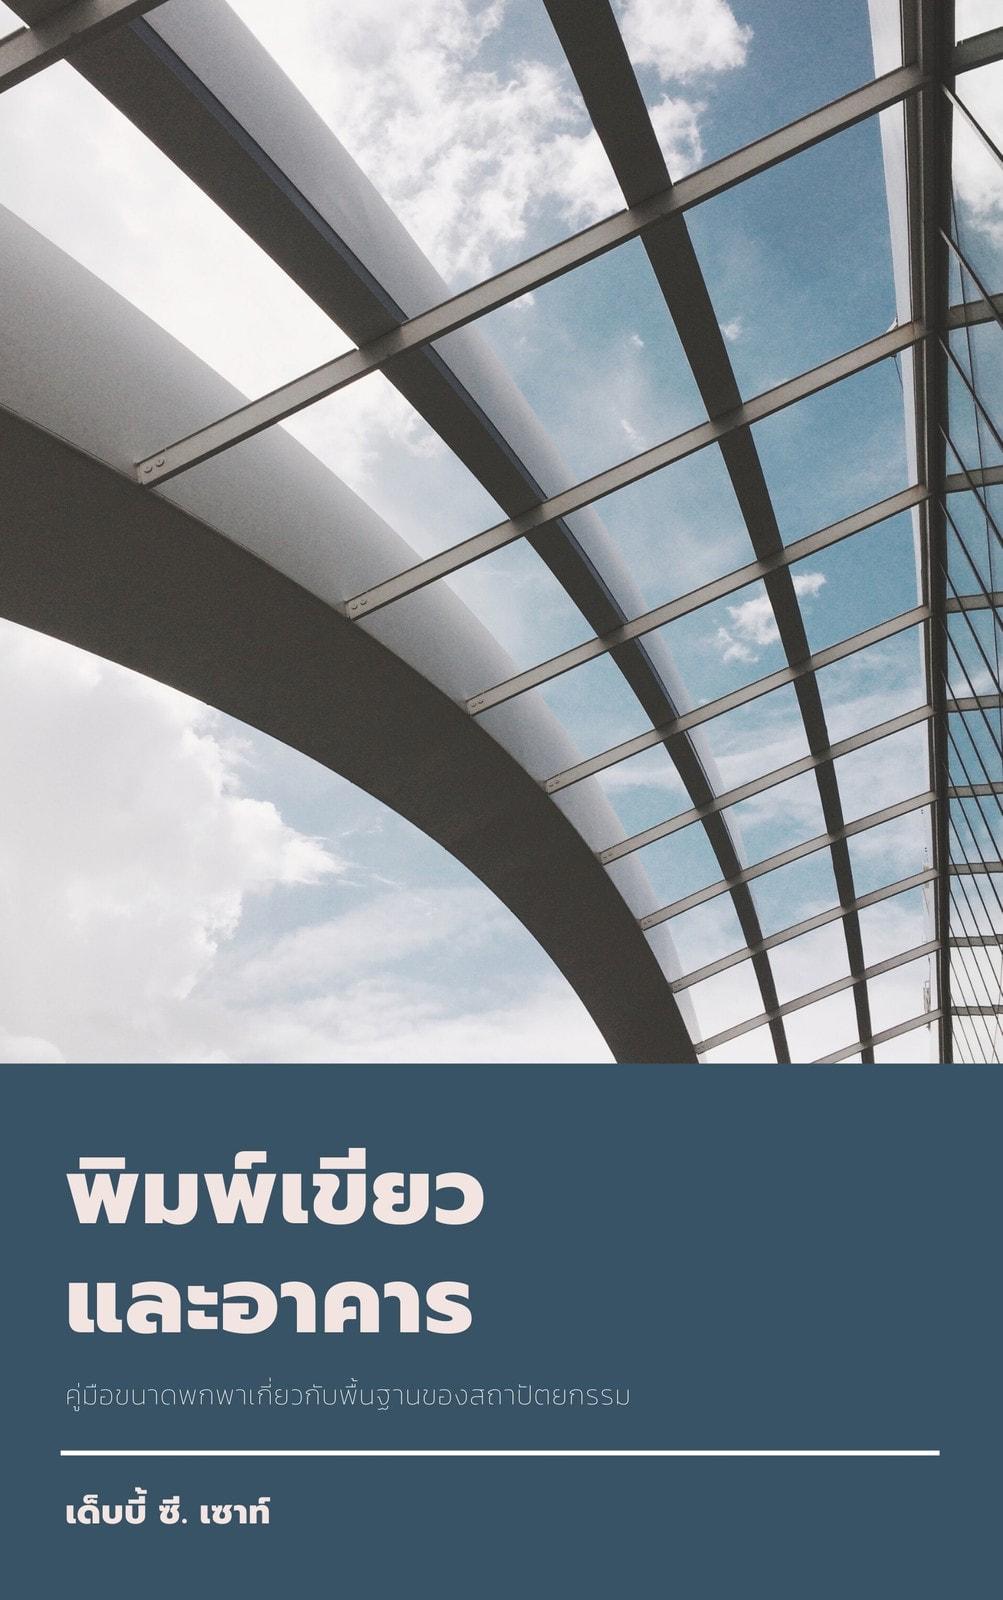 ปกหนังสือ สถาปัตยกรรม สมัยใหม่ สีน้ำเงิน